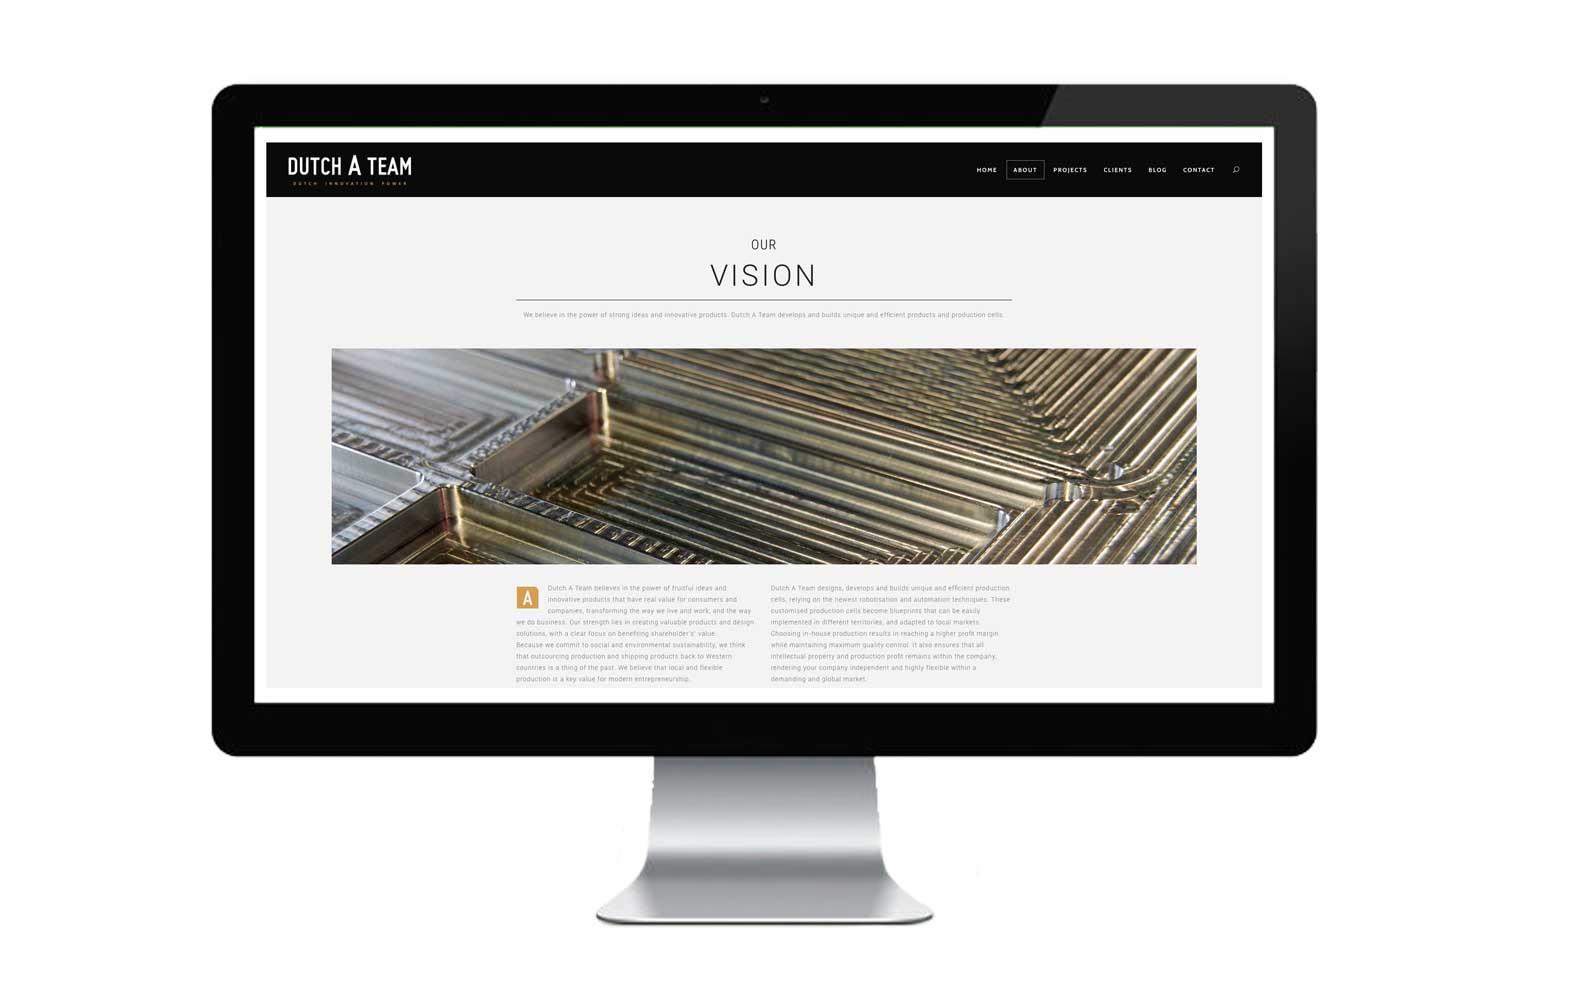 StudioErnst-DutchATeam-website3